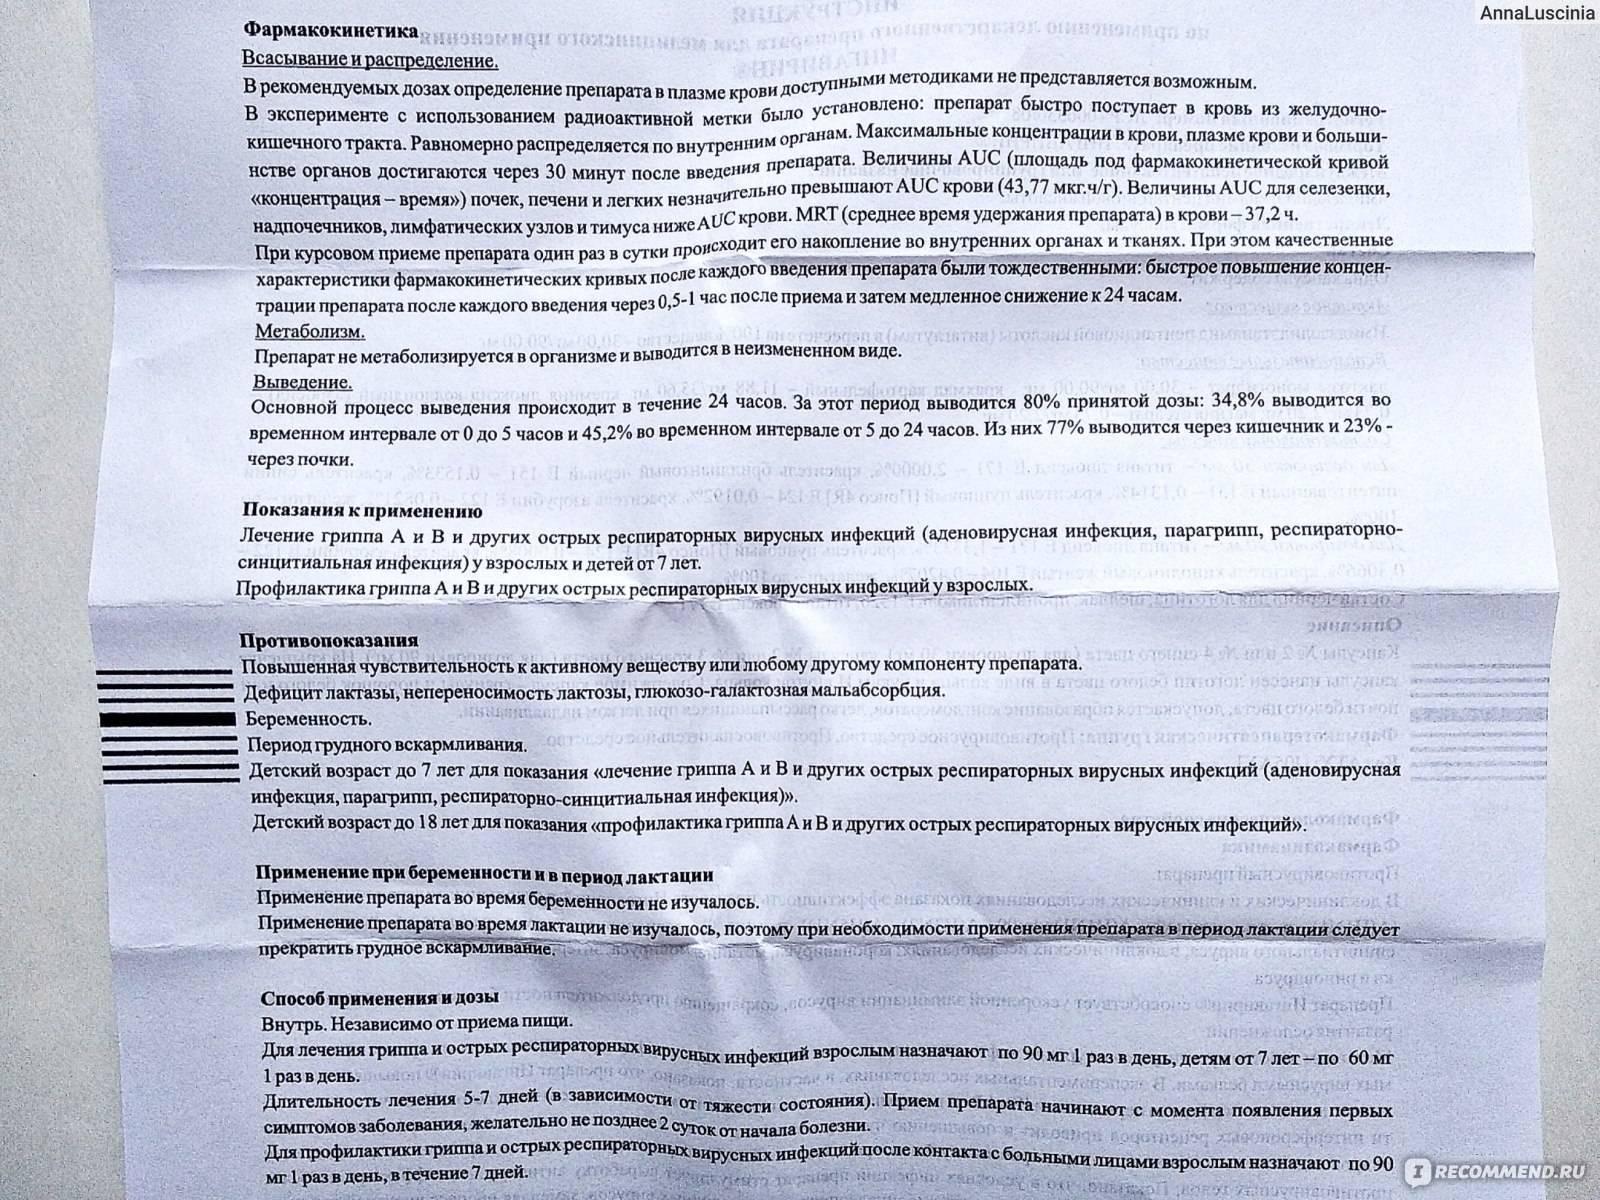 Ингавирин: инструкция по применению, цена, аналоги, отзывы